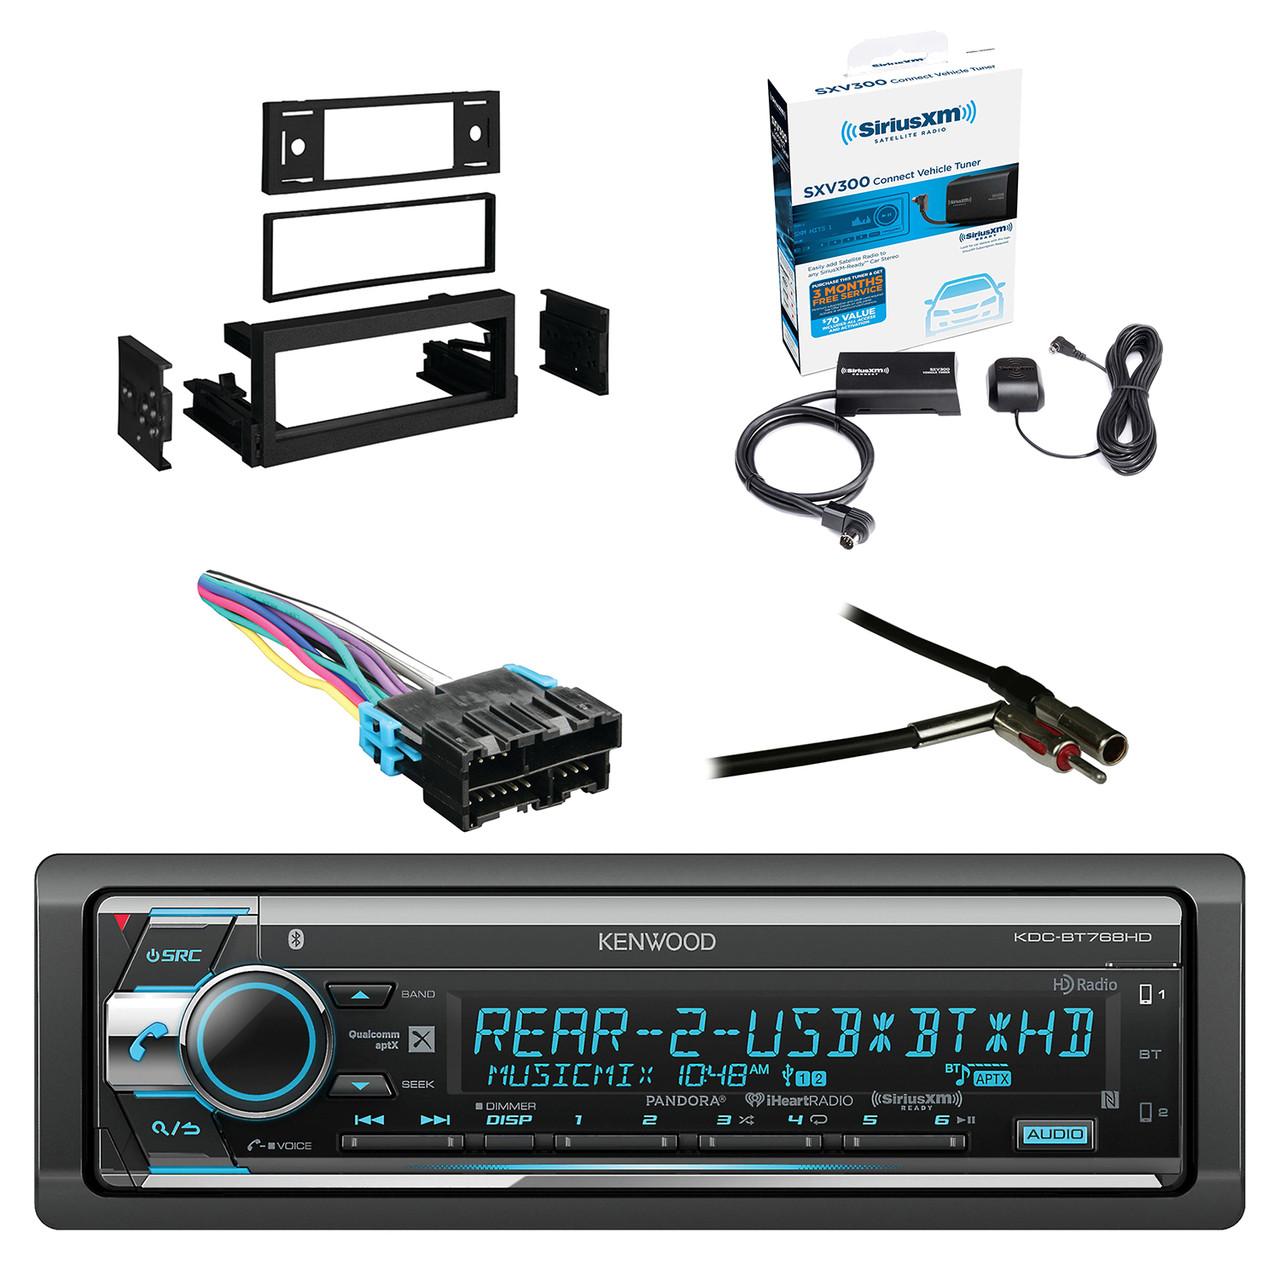 Kenwood Single Din CD/AM/FM Car Audio Receiver W/Bluetooth with SiriusXM on